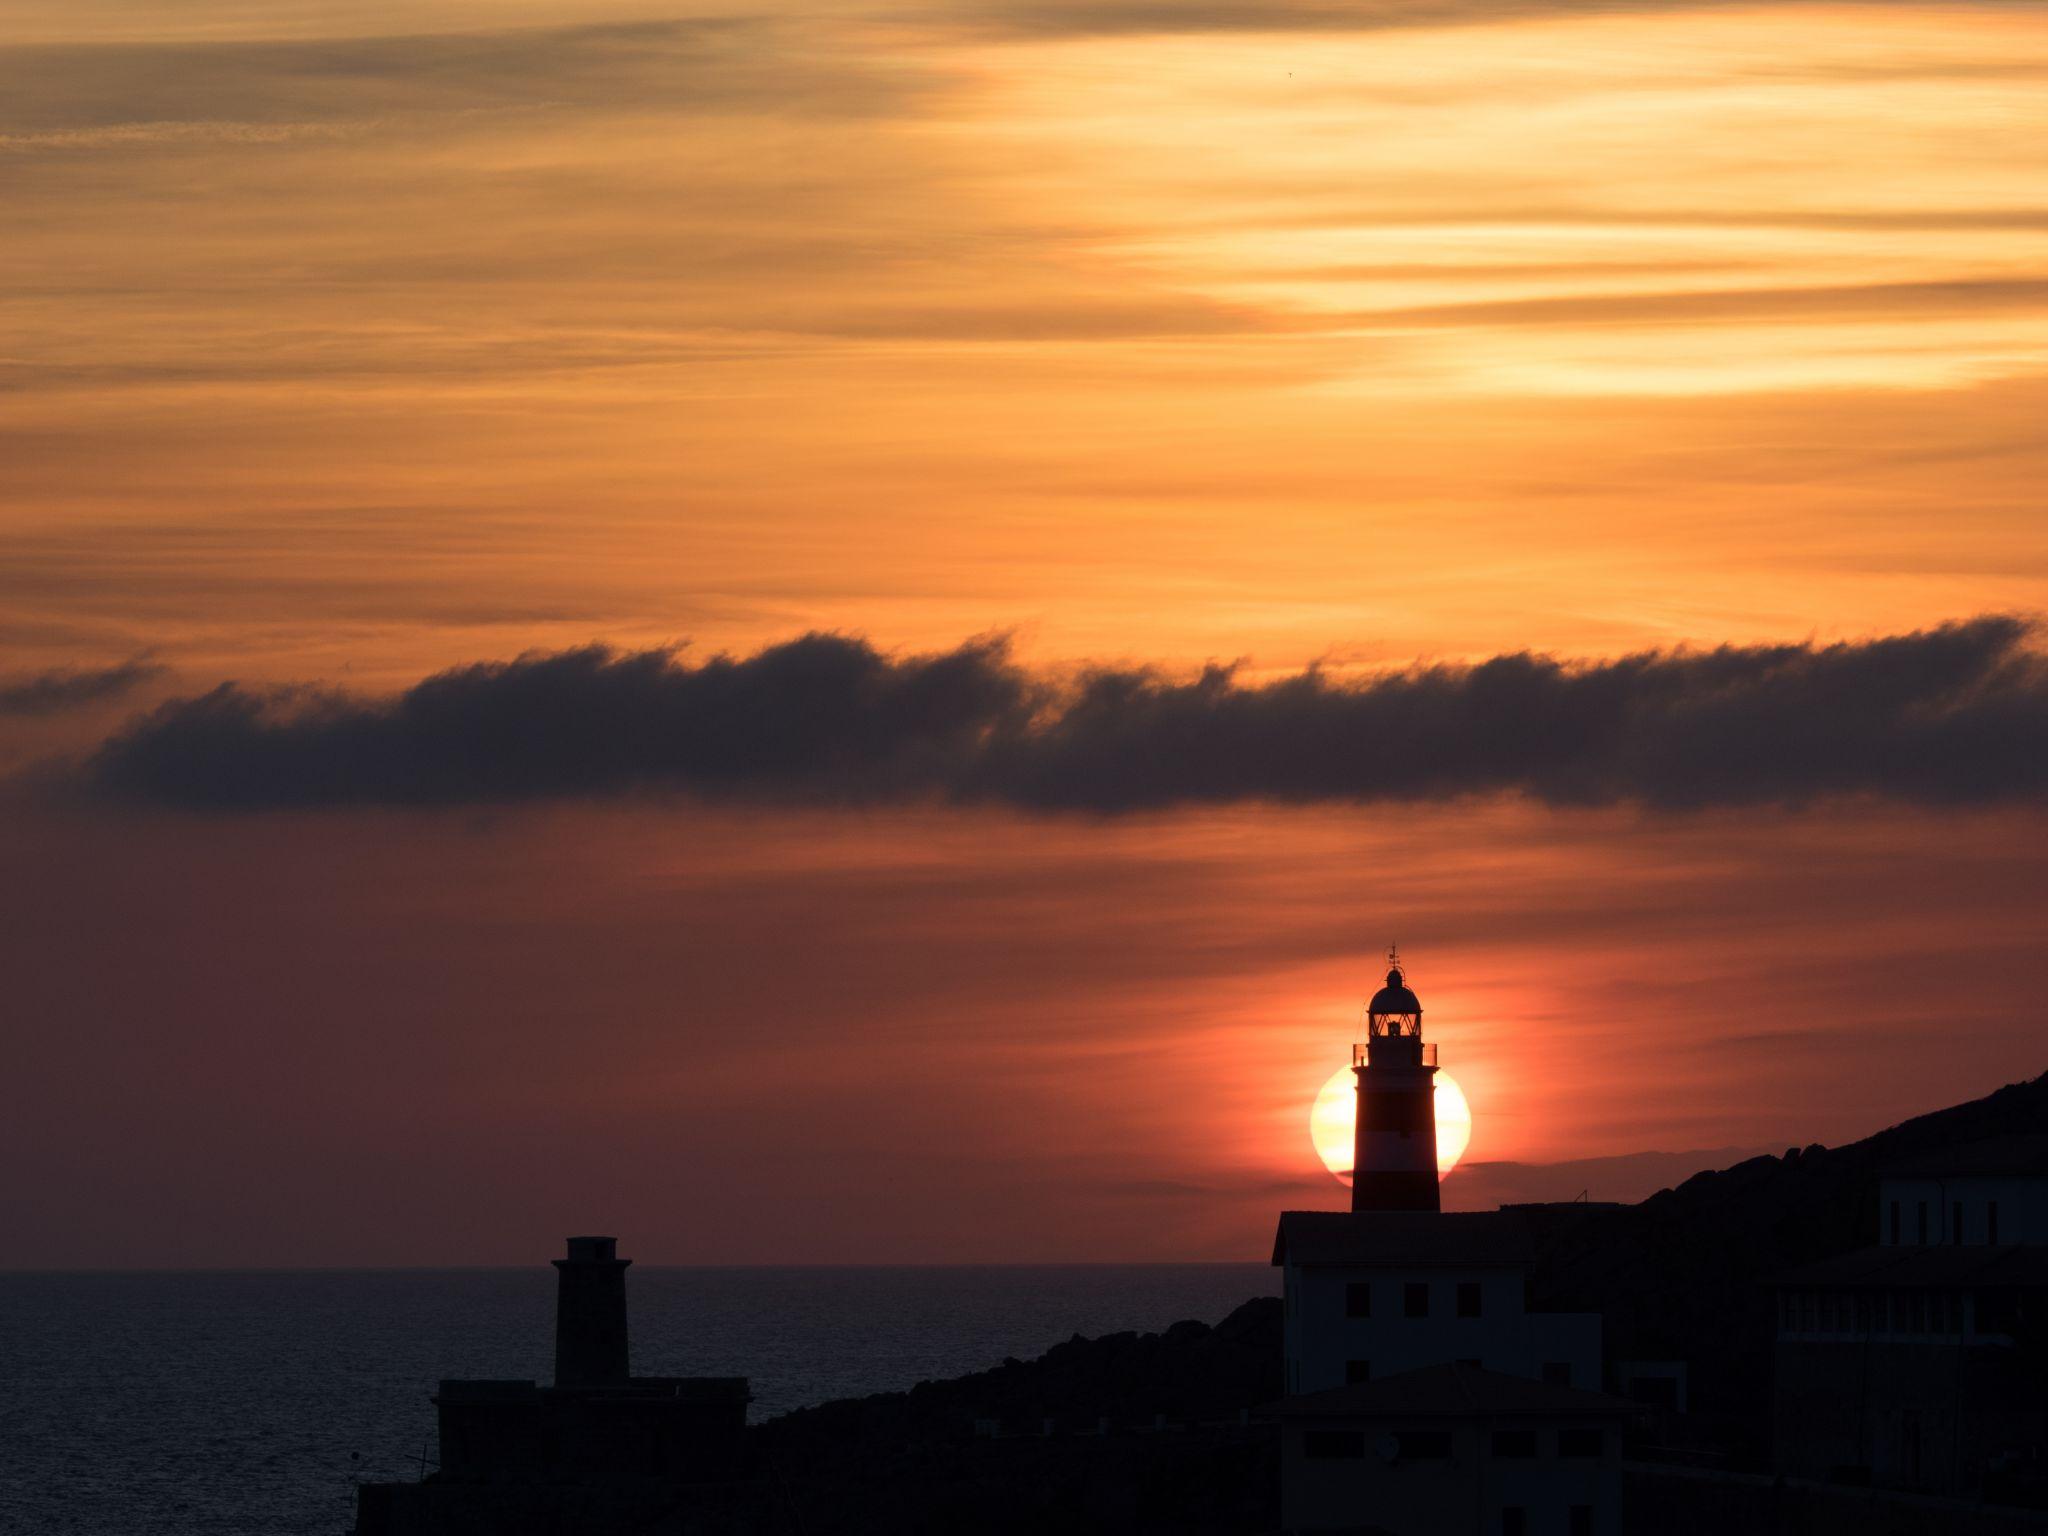 Sunset at Port de Sóller, Spain